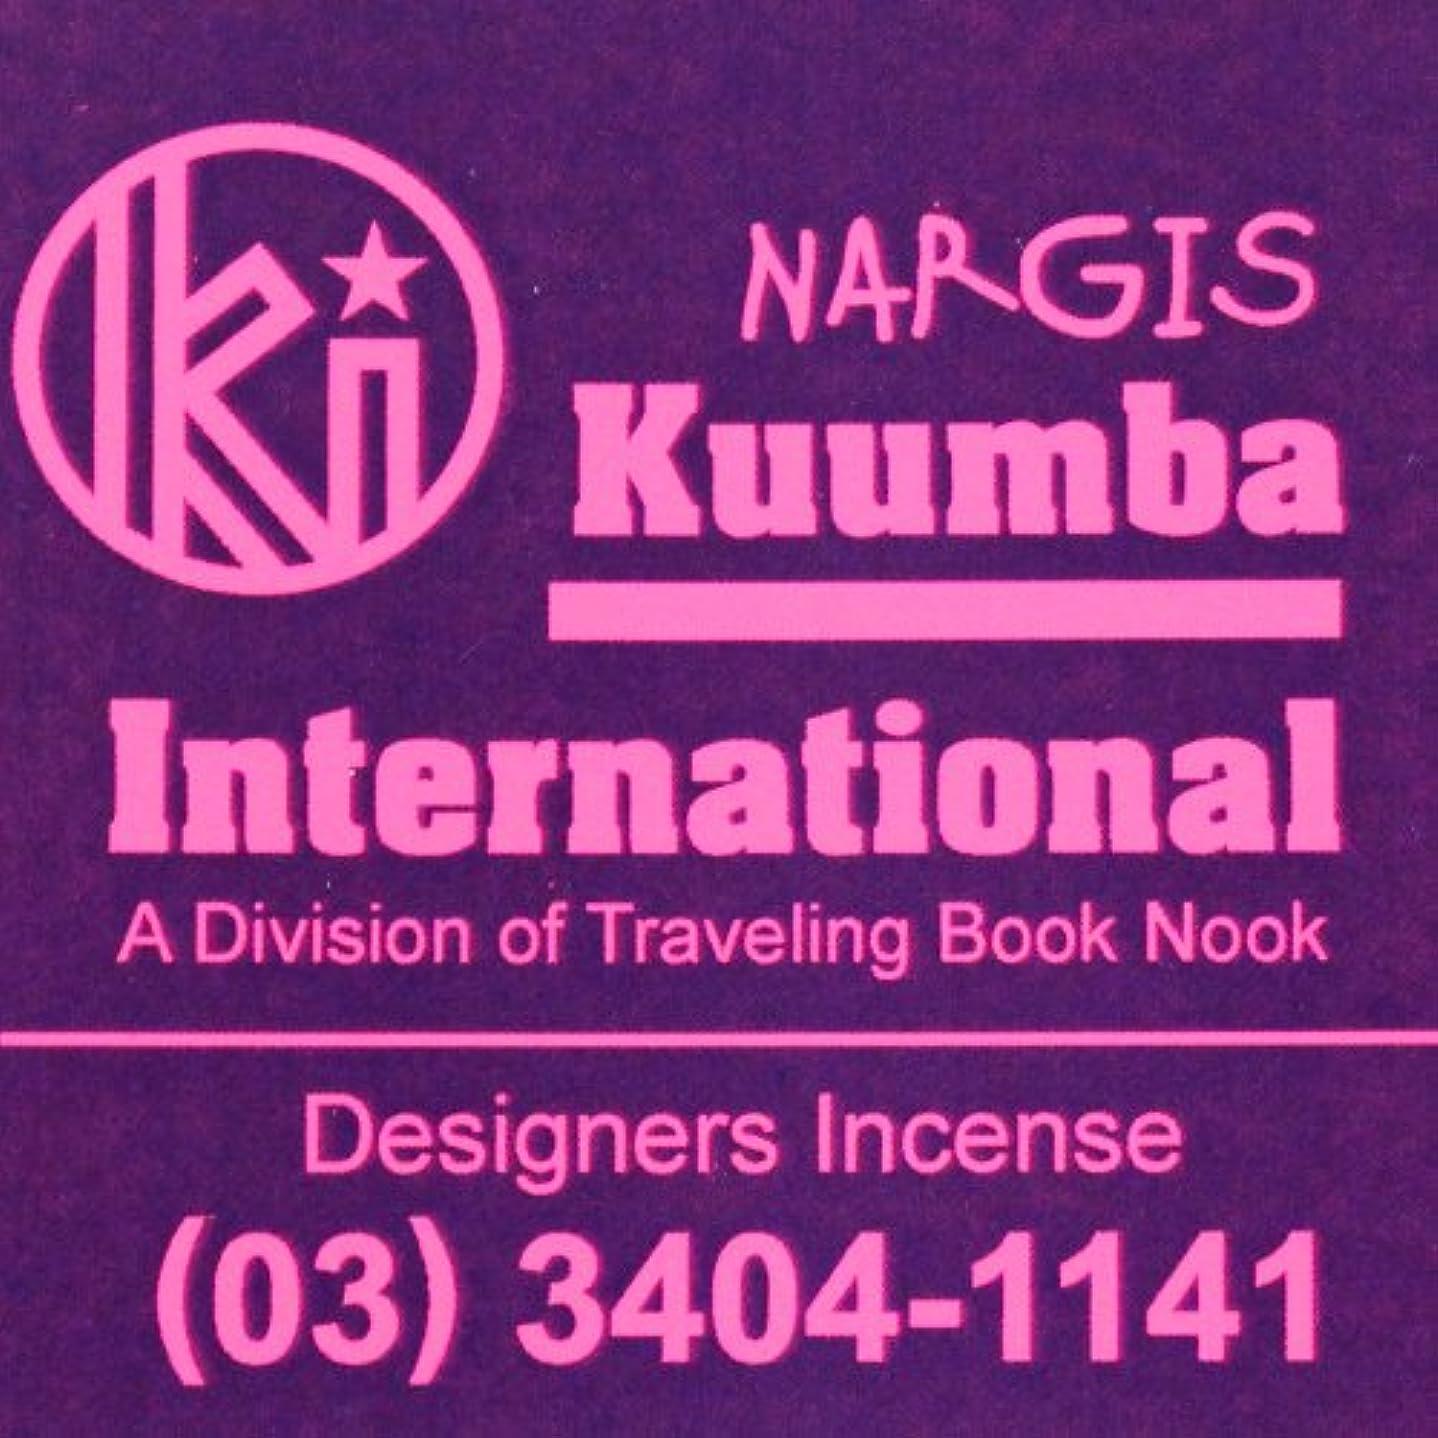 死意欲カラス(クンバ) KUUMBA『classic regular incense』(NARGIS) (Regular size)